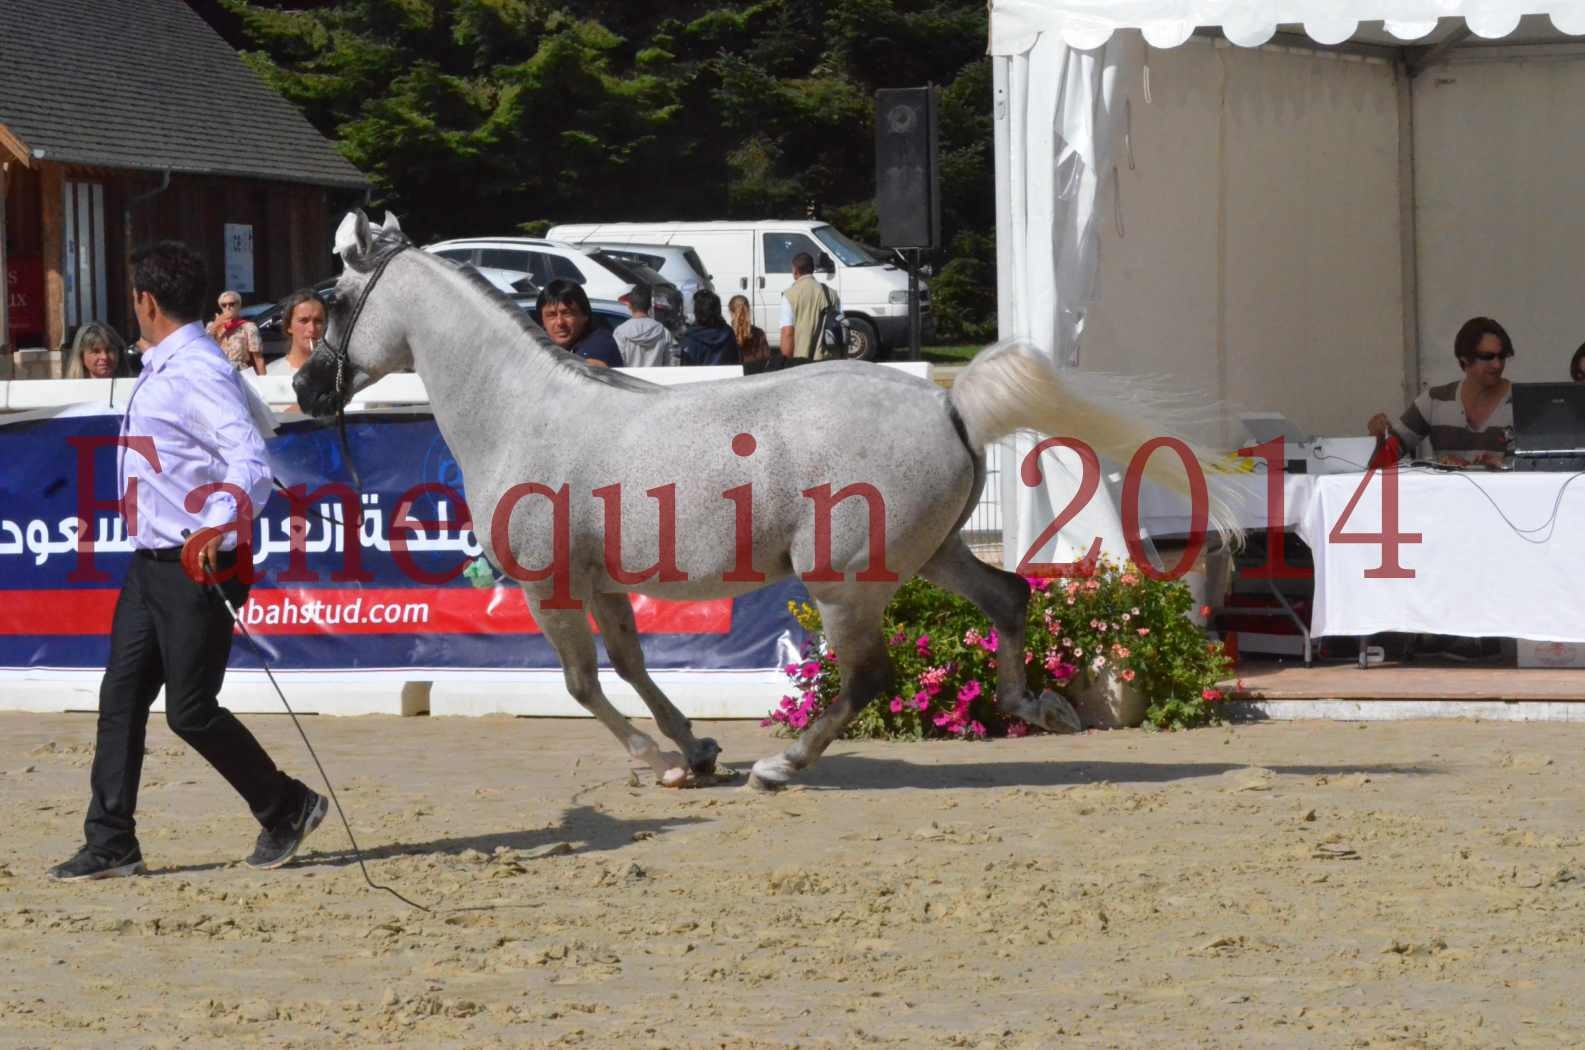 CHAMPIONNAT DE FRANCE  2014 A POMPADOUR - Sélection - SHEYK DE GARGASSAN - 12